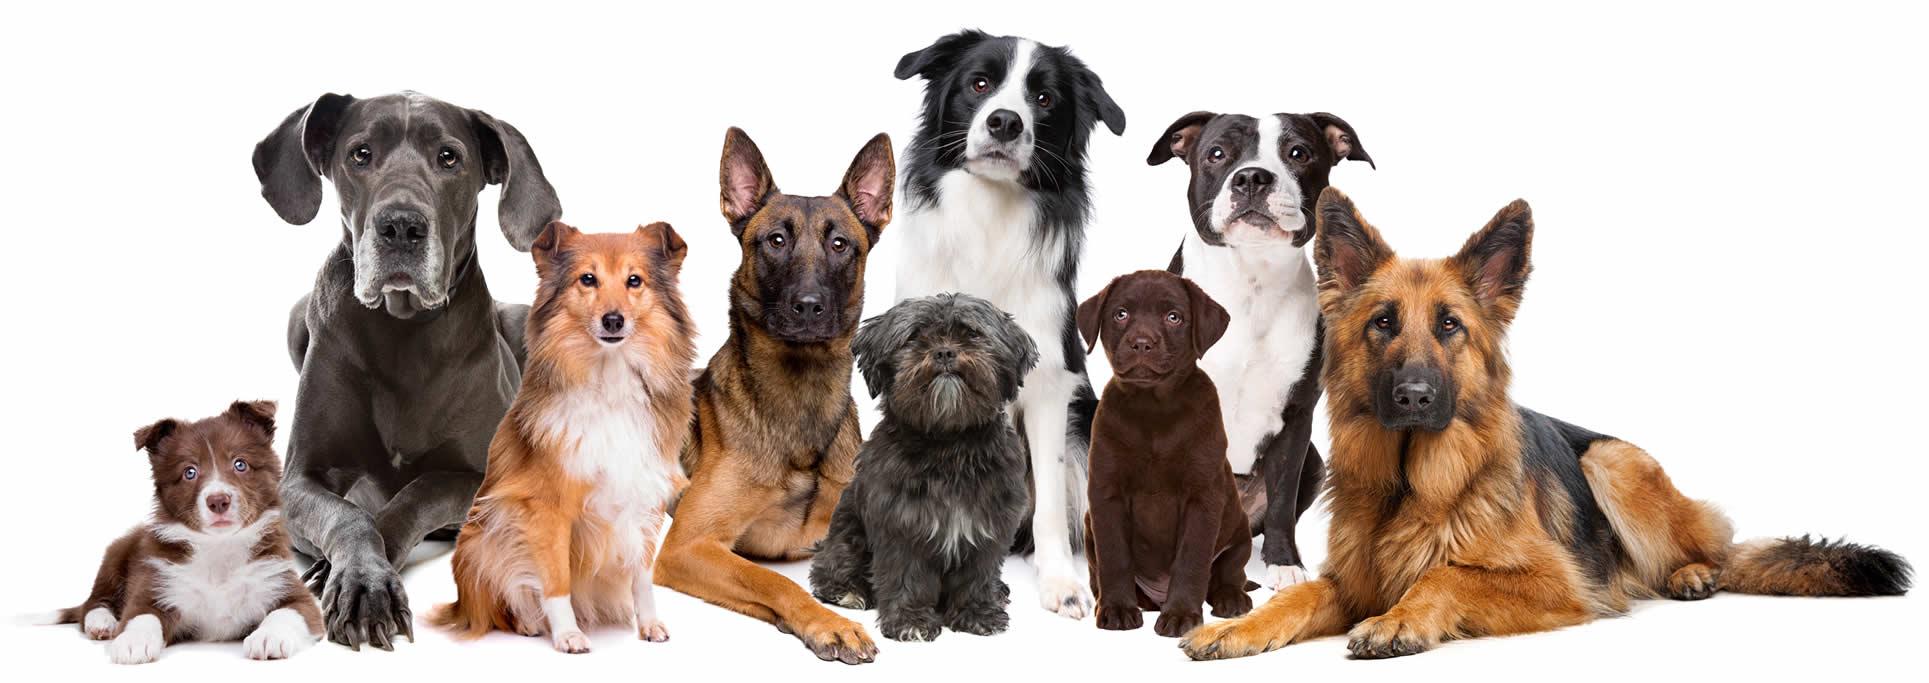 Hundefutter Vergleich gutes Futter für Hunde